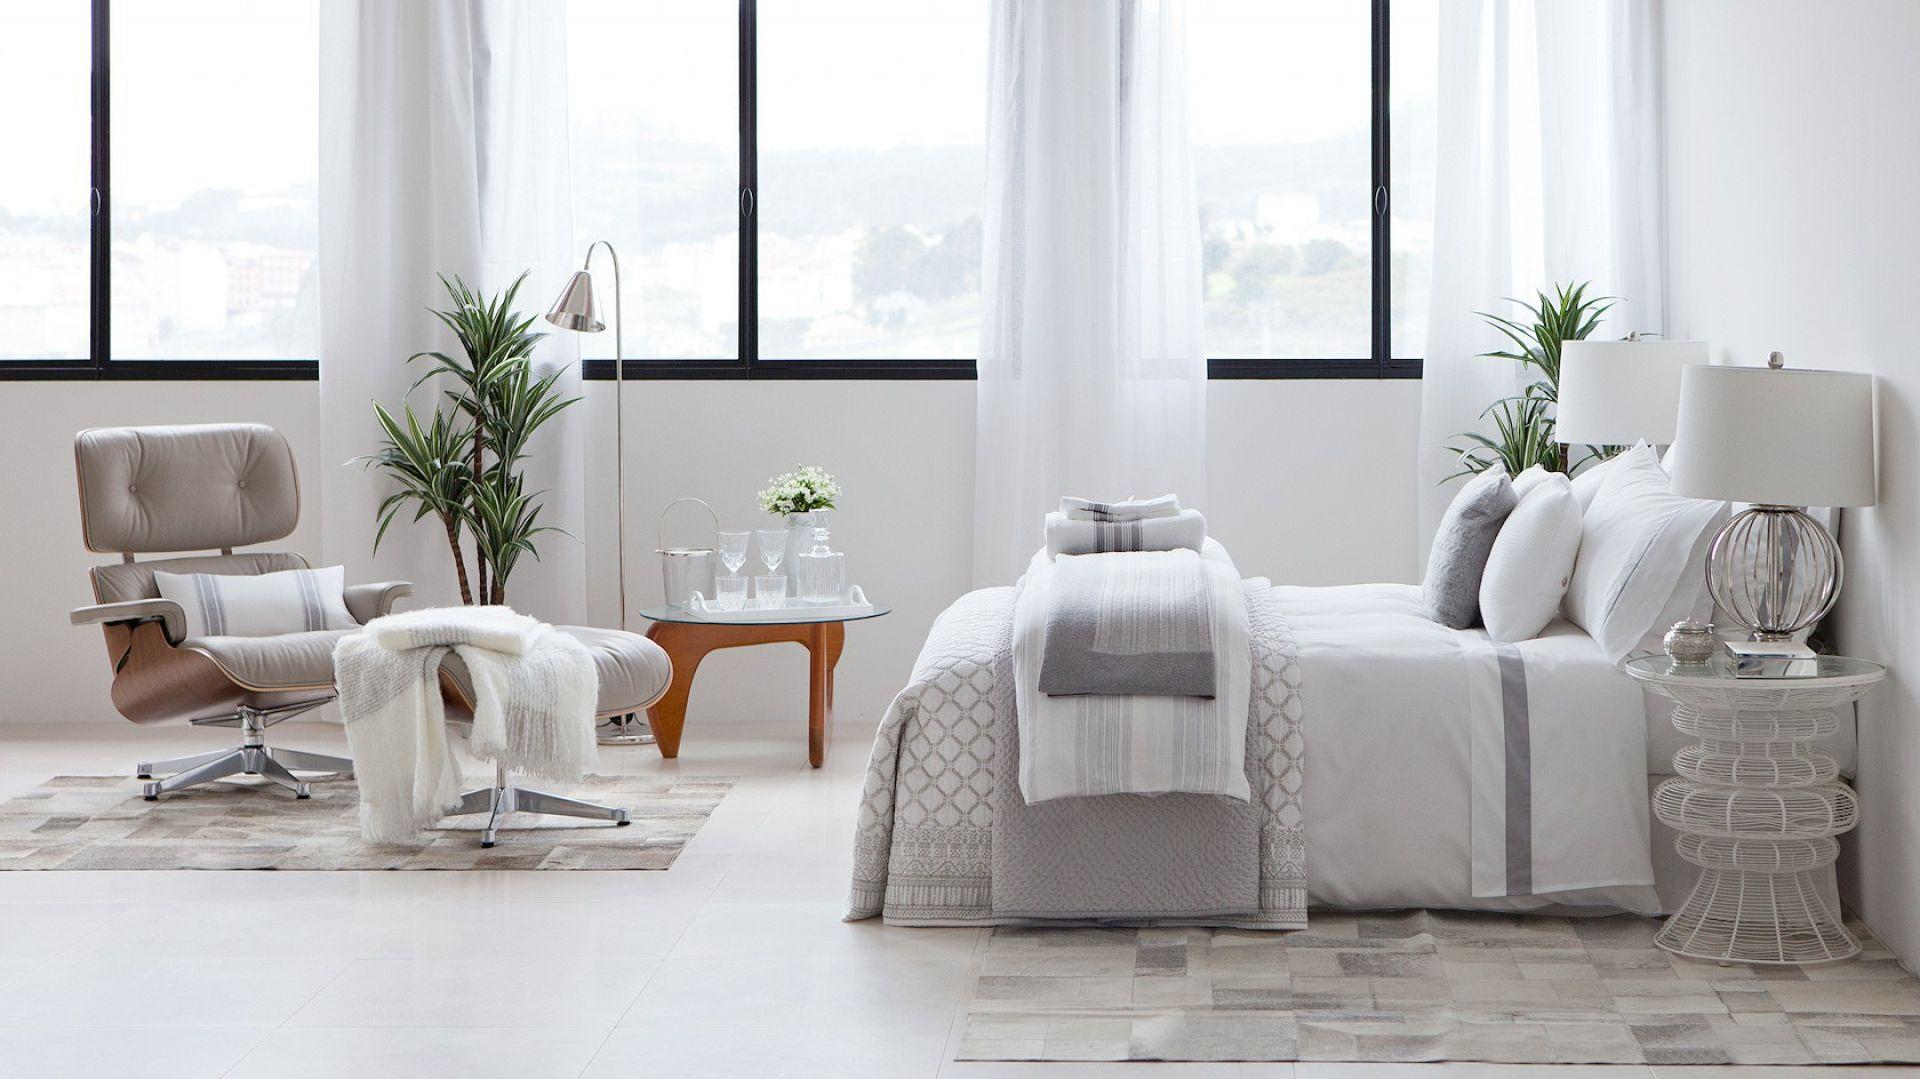 Biała pościel i białe łóżko to nie przesada. Jeśli przełamiemy je delikatnym kremowym kolorem, sypialnia będzie wyglądać kojąco Fot. Zara Home